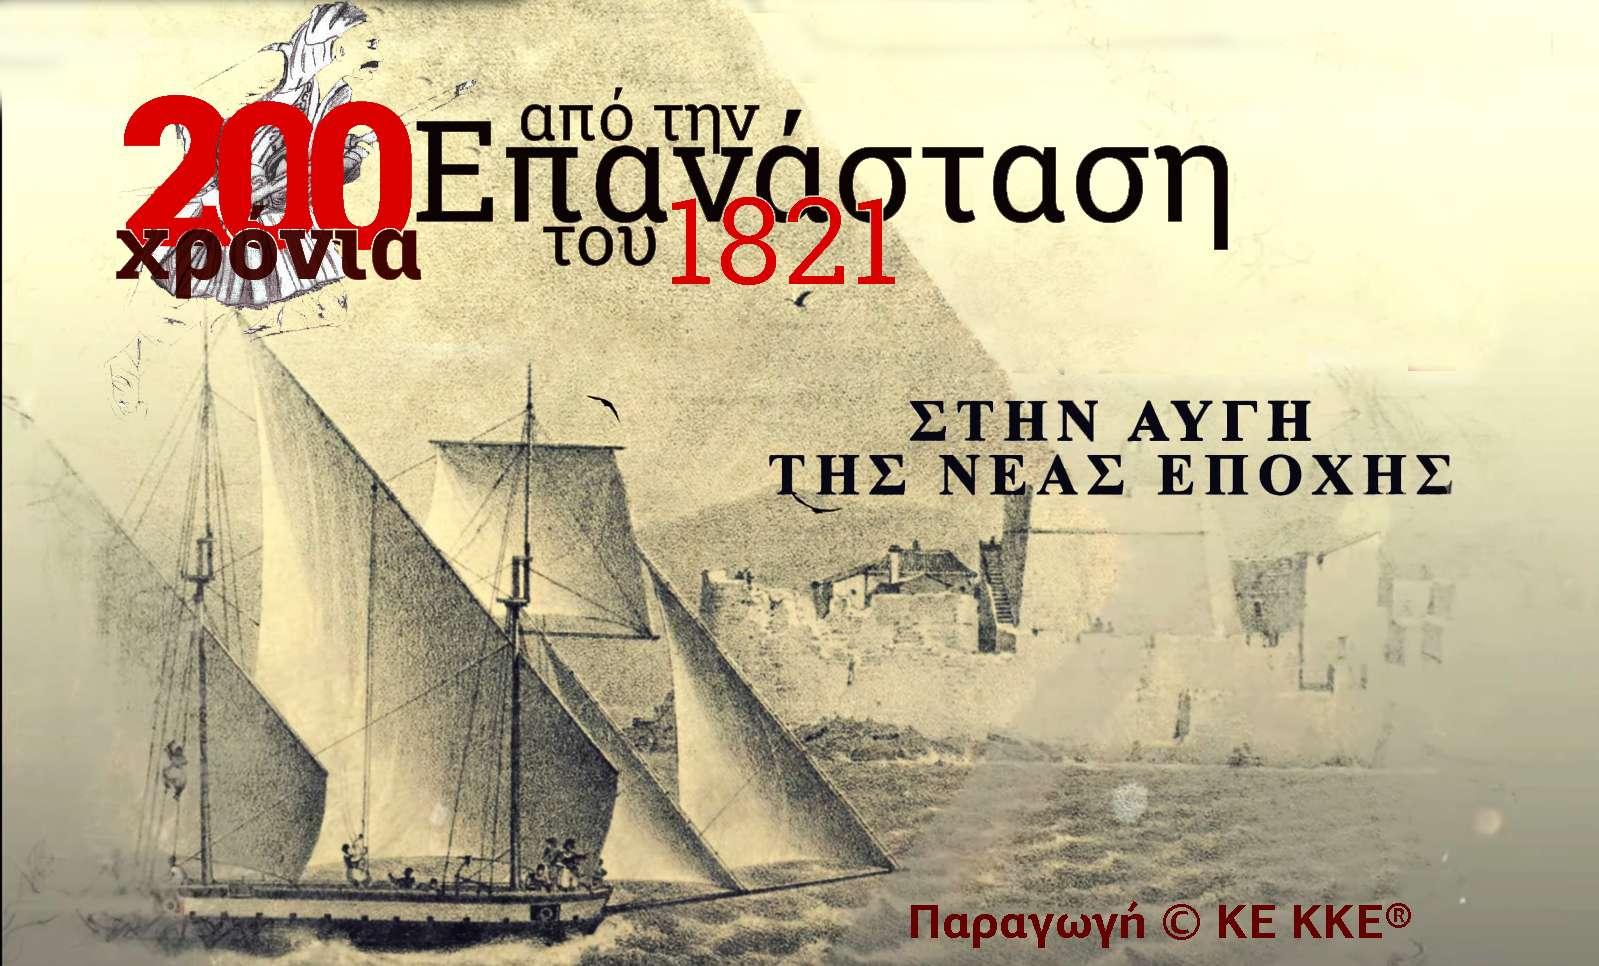 200 Χρόνια Επανάσταση 1821 ΚΕ ΚΚΕ